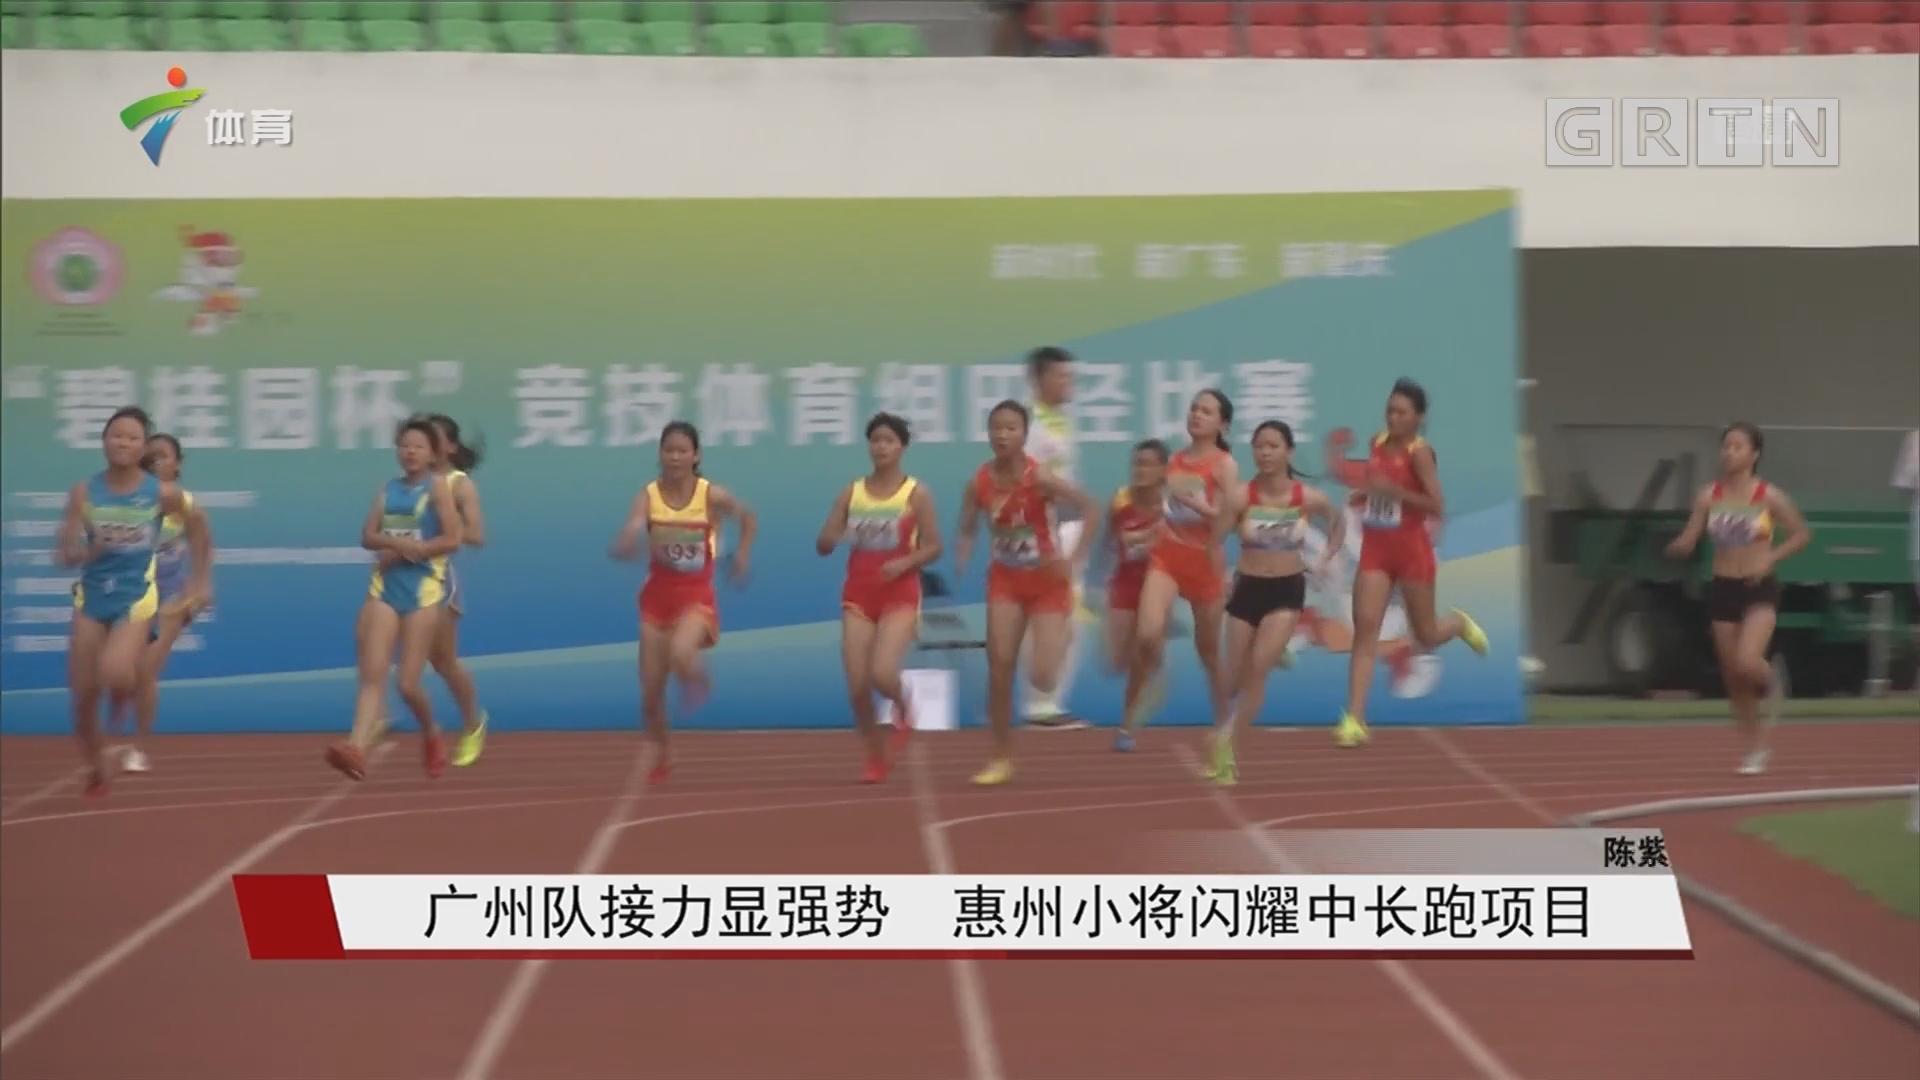 广州队接力显强势 惠州小将闪耀中长跑项目